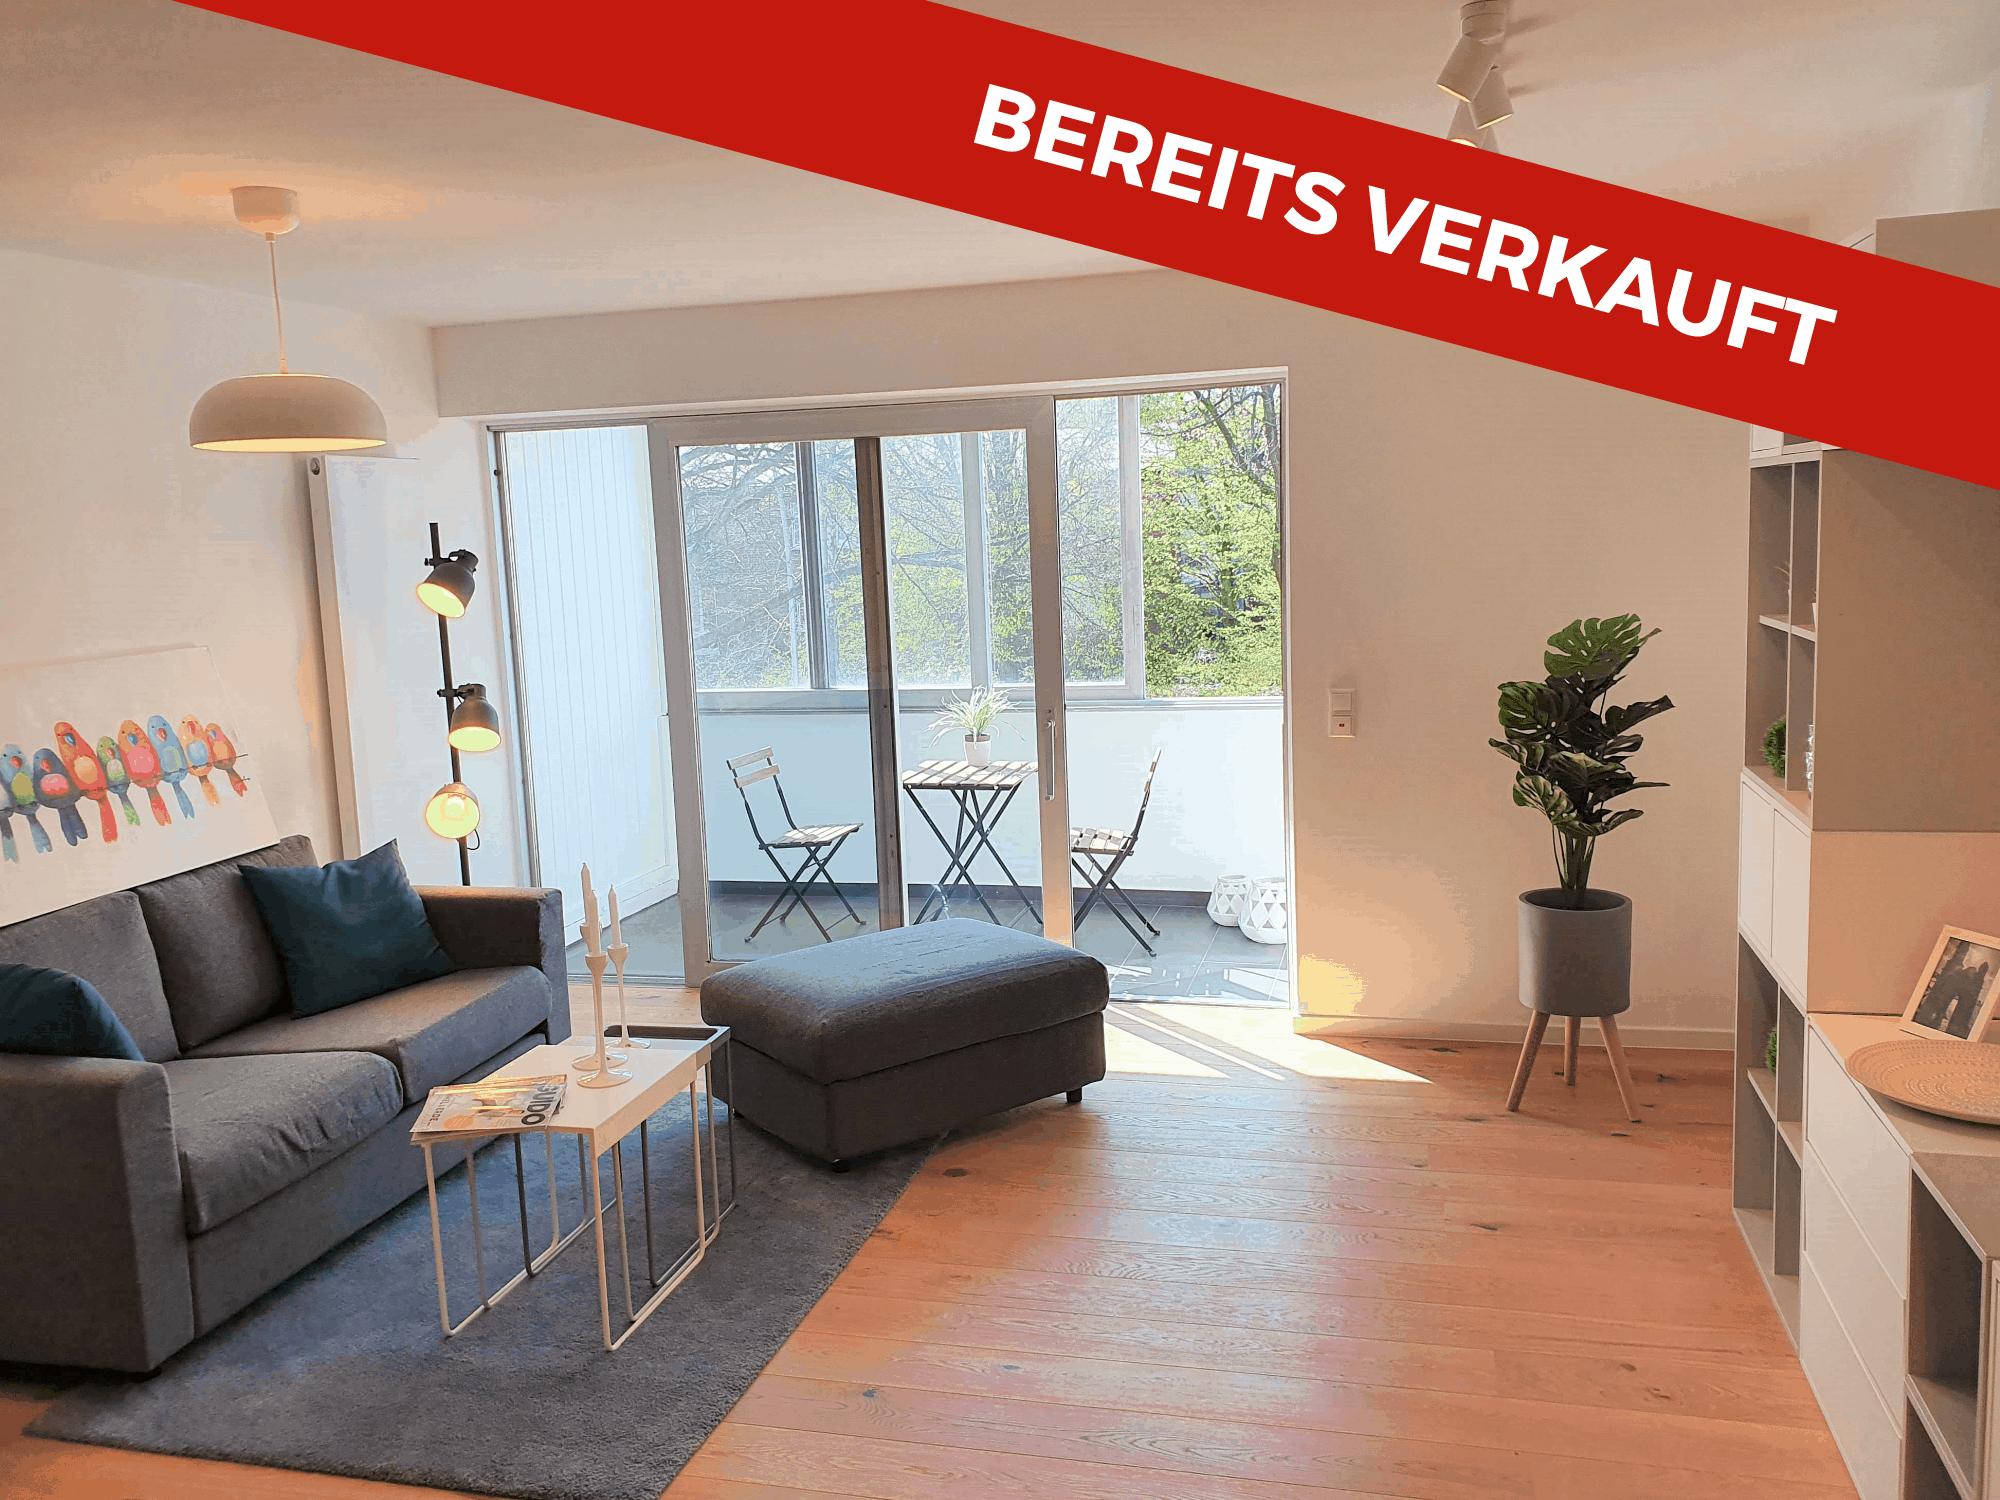 Bereits verkauft: 1 Zimmer Wohnung in Eppendorf